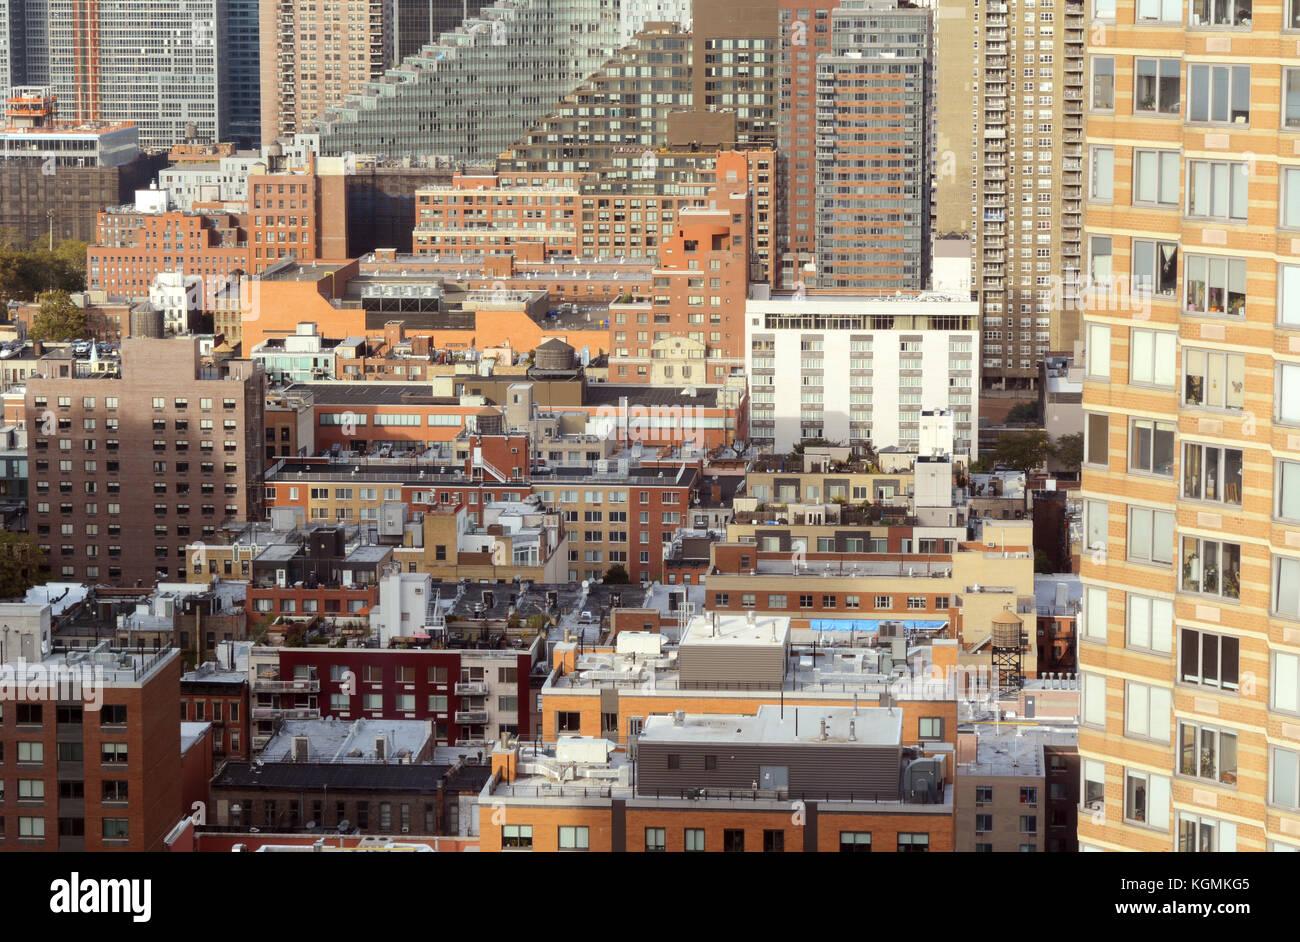 Berühmt Hotels In Der Hölle Küche New York City Fotos - Ideen Für ...